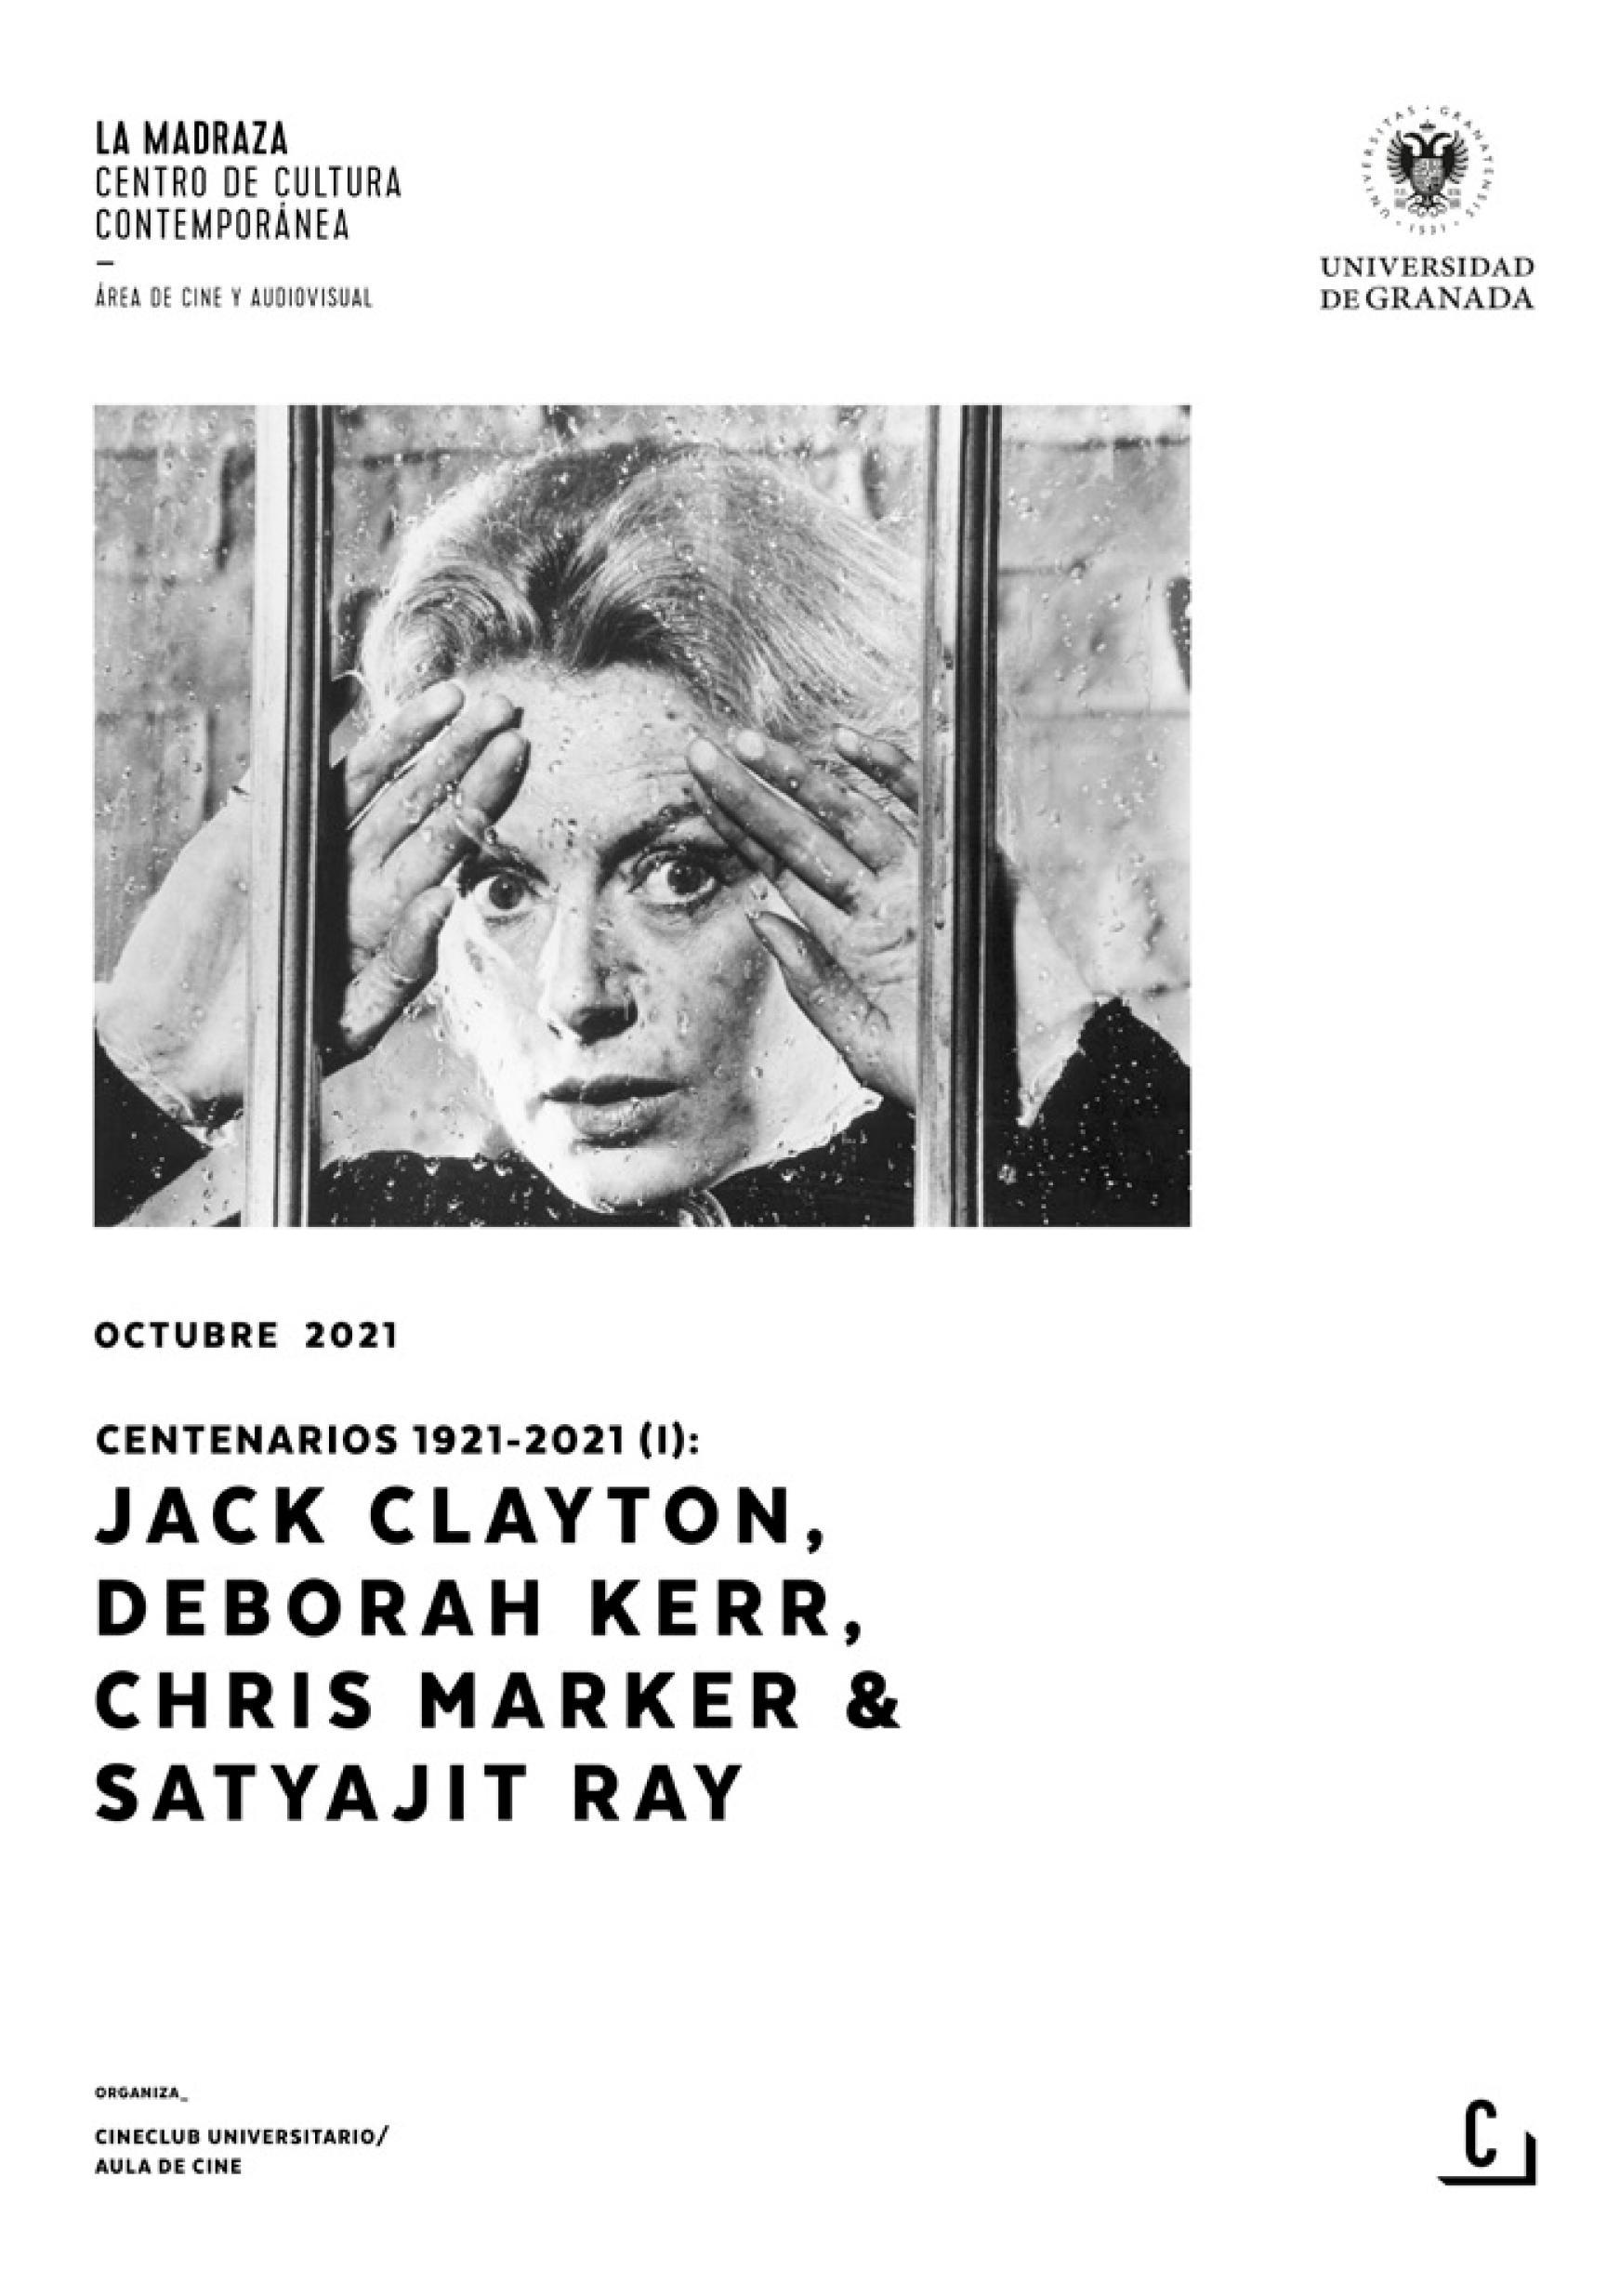 Imagen de portada de Centenarios 1921-2021 (I): Jack Clayton, Deborah Kerr, Chris Marker & Satyajit Ray